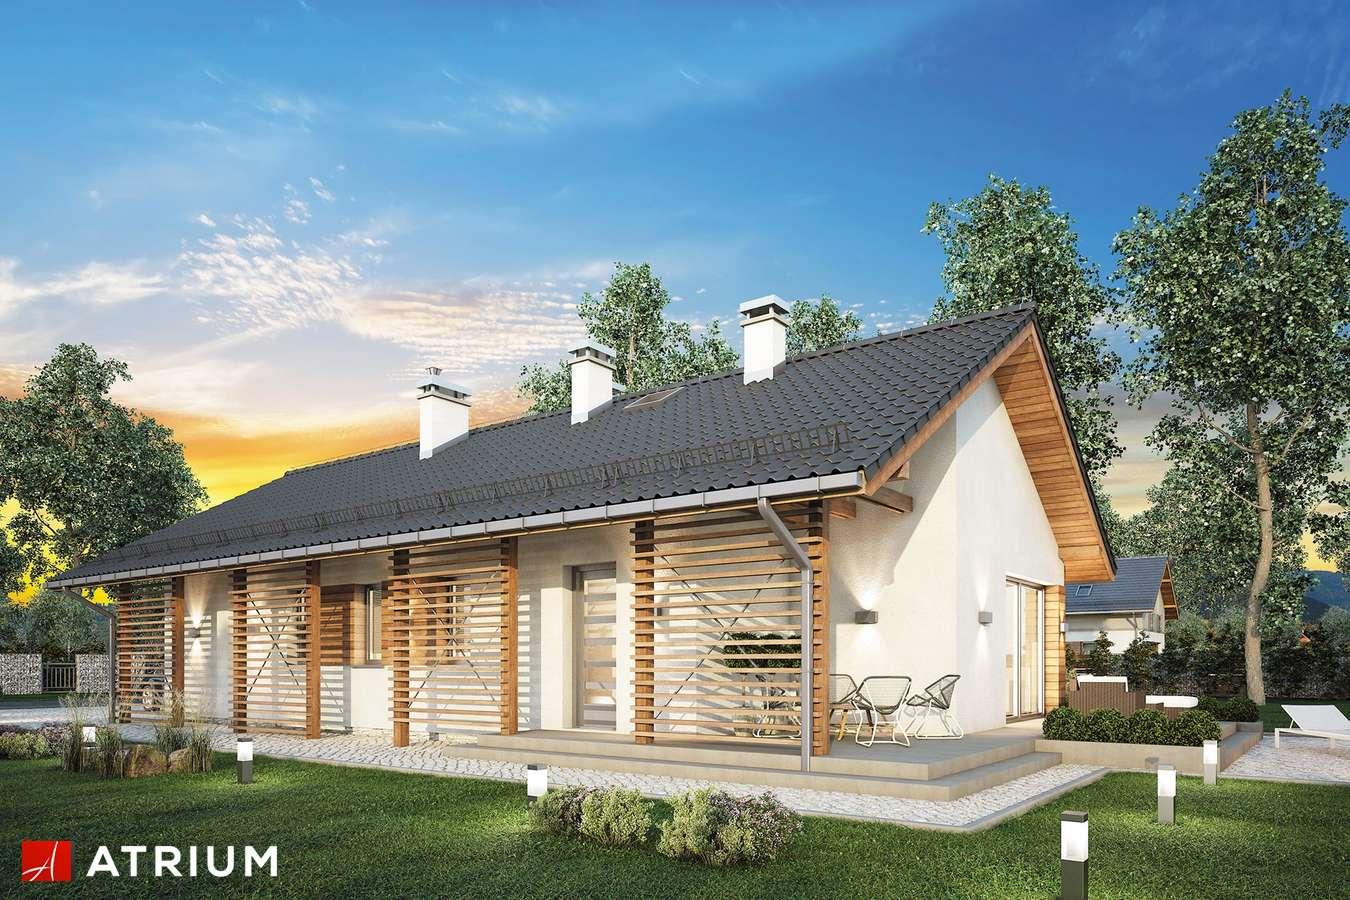 Projekty domów - Projekt domu parterowego OLIMPIA II - wizualizacja 2 - wersja lustrzana